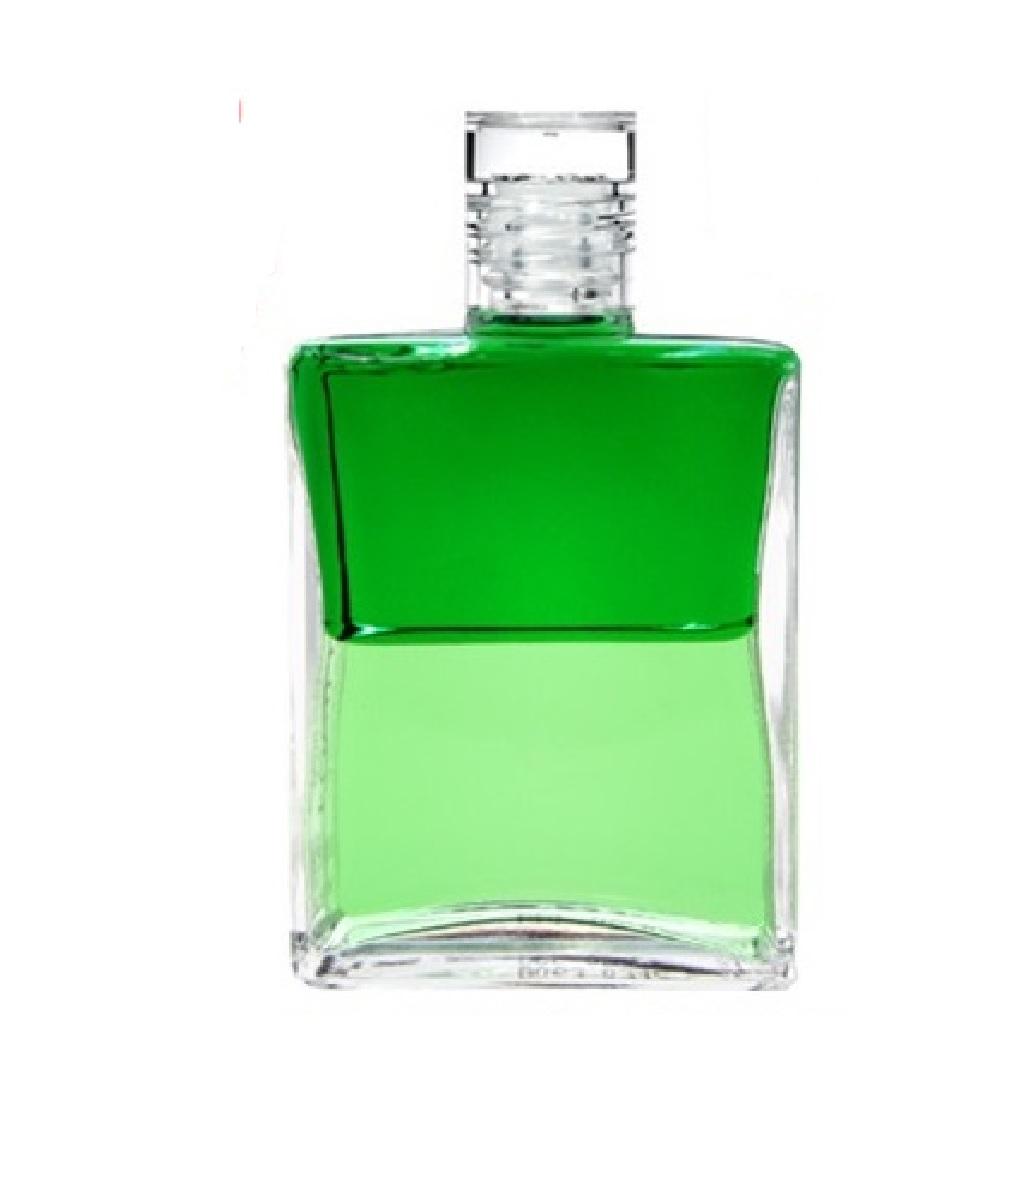 年中無休 オーラソーマ イクイリブリアムボトル 63番 ジュワルクール ヒラリオン 50ml 25日は レインボーカラーズ 5のつく日 エントリーとカードのご利用でポイントUP 初回限定 エメラルドグリーン ボトル ペールグリーン